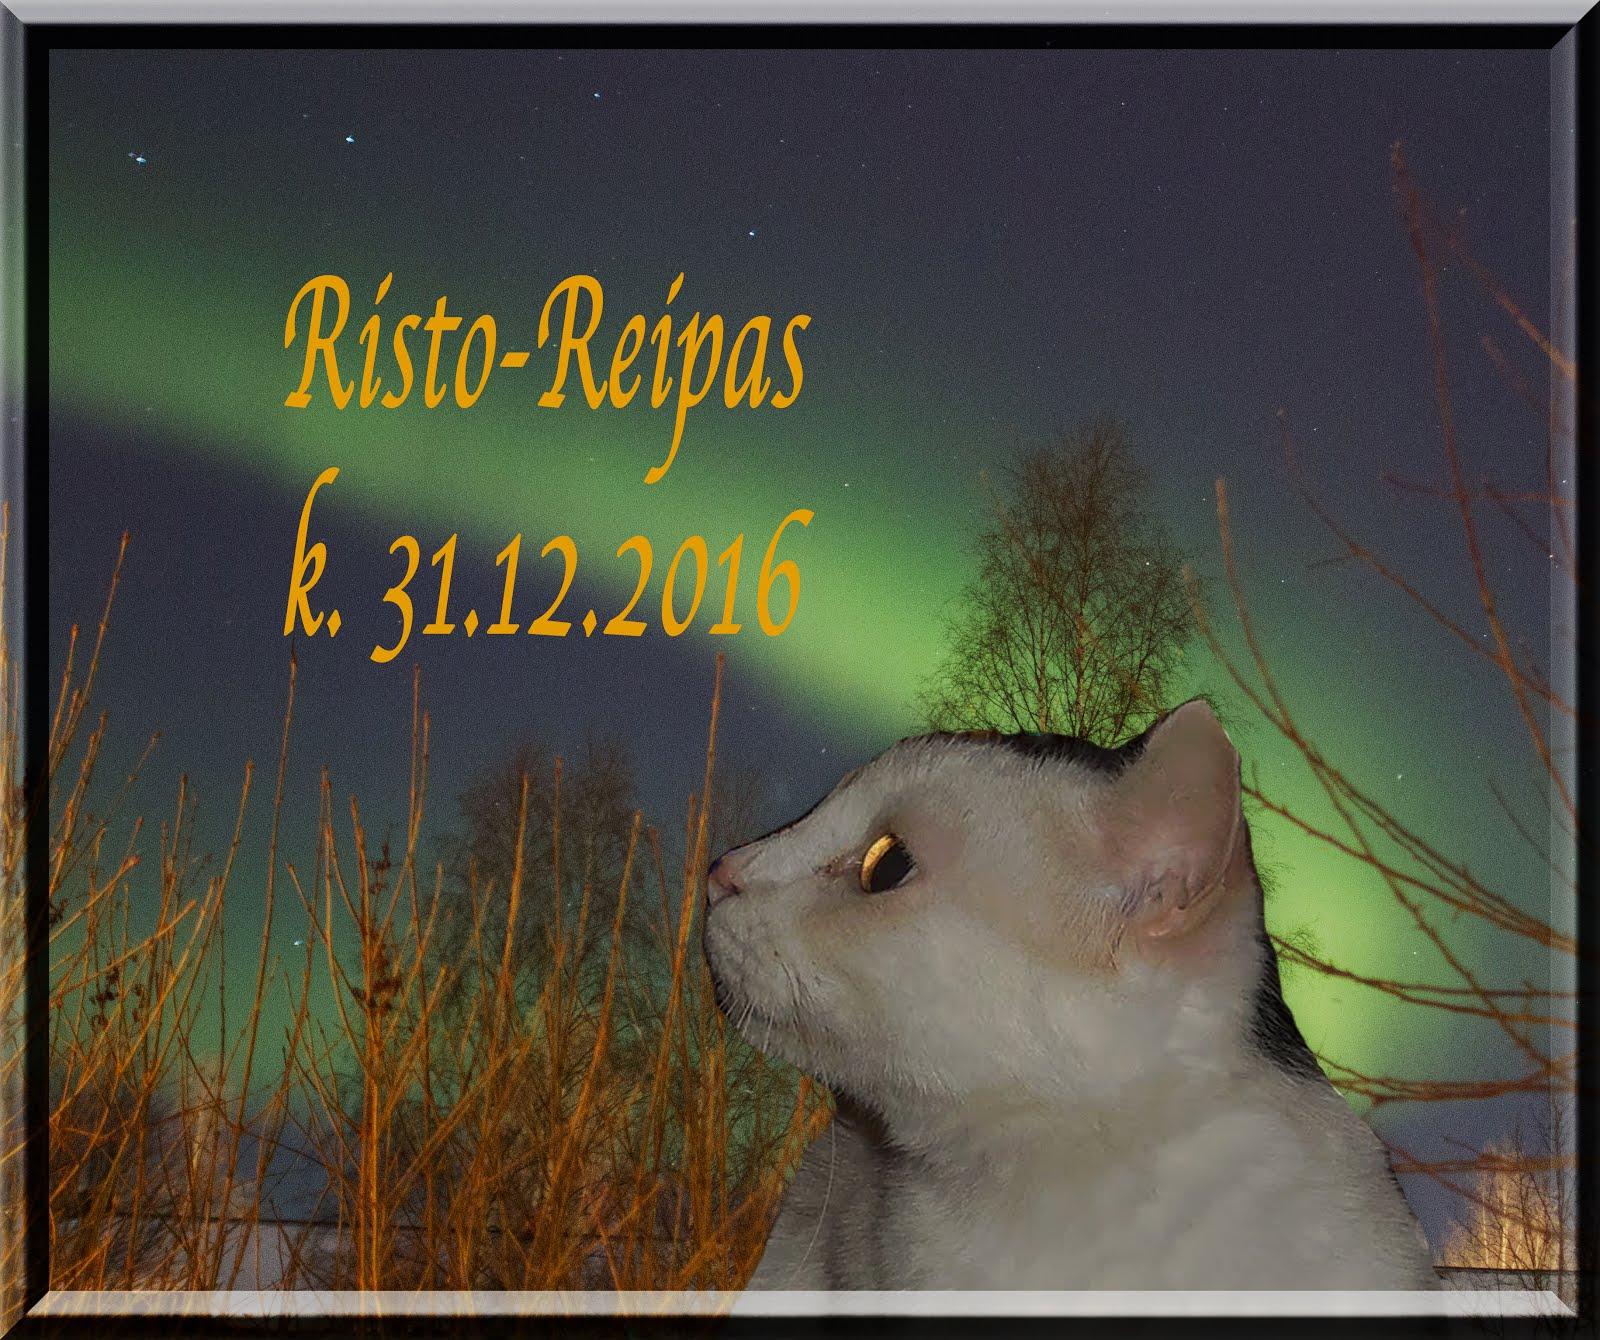 Risto-Reipas